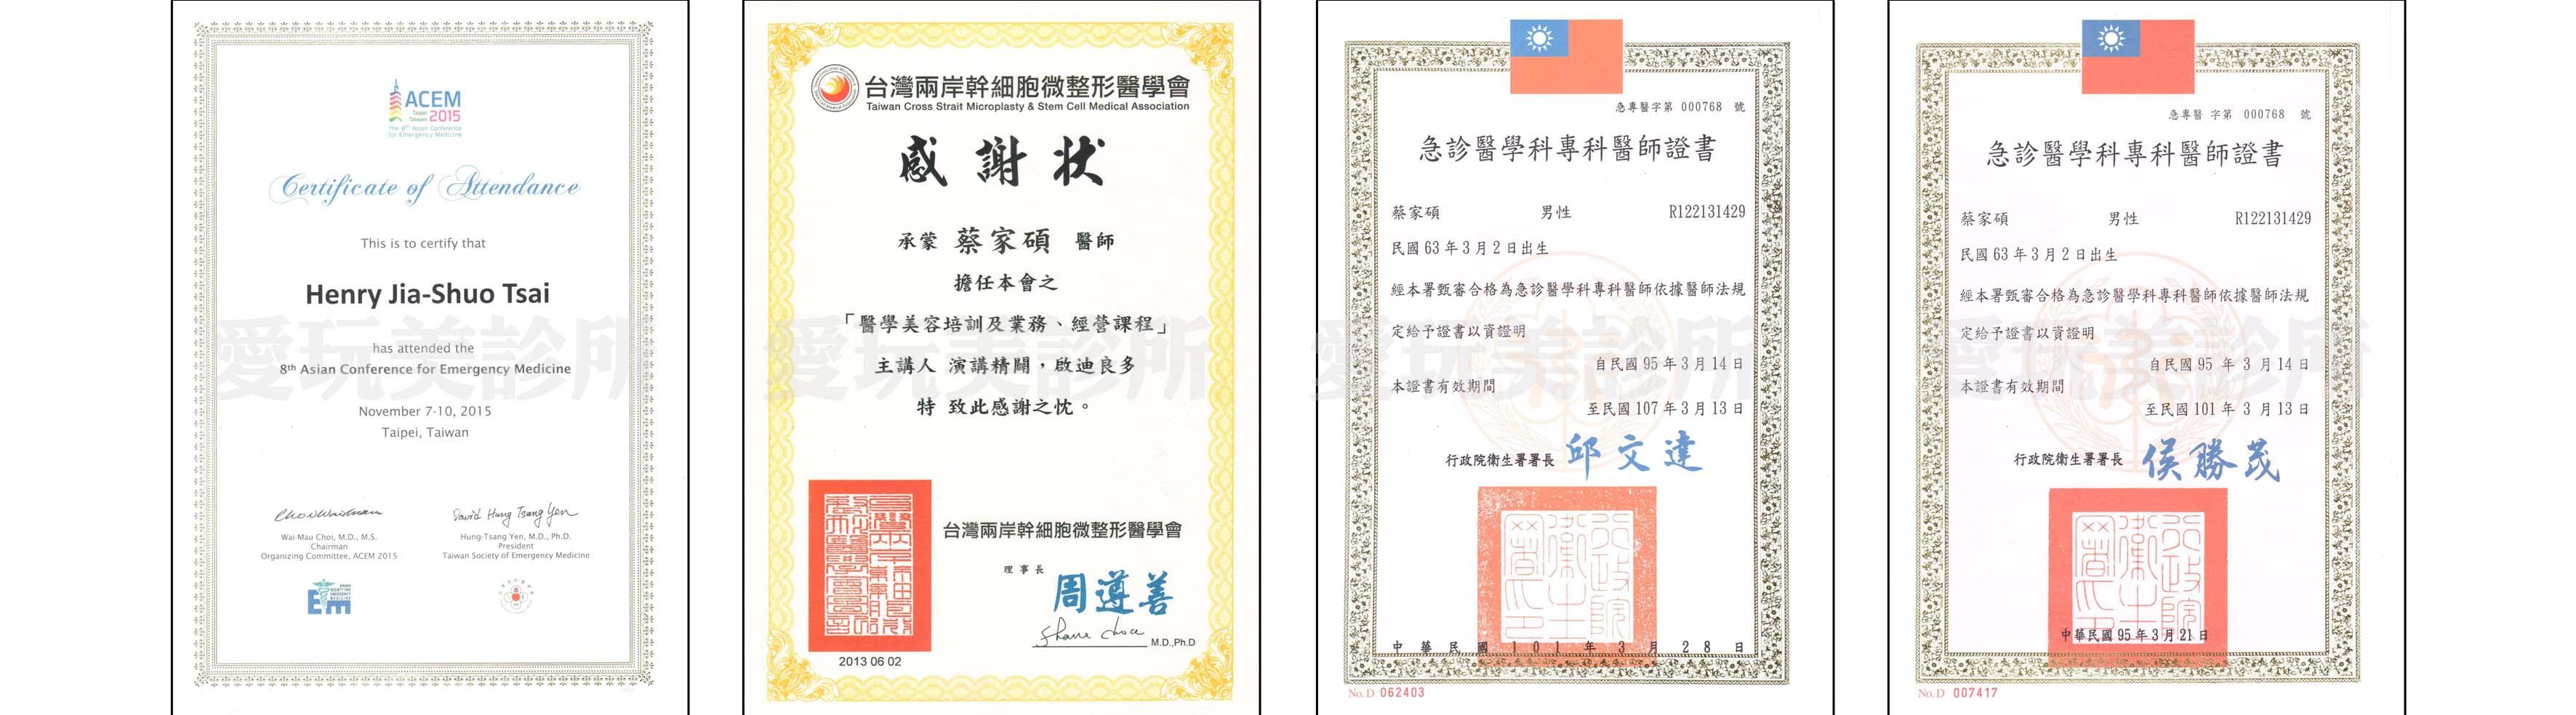 蔡家碩證書07